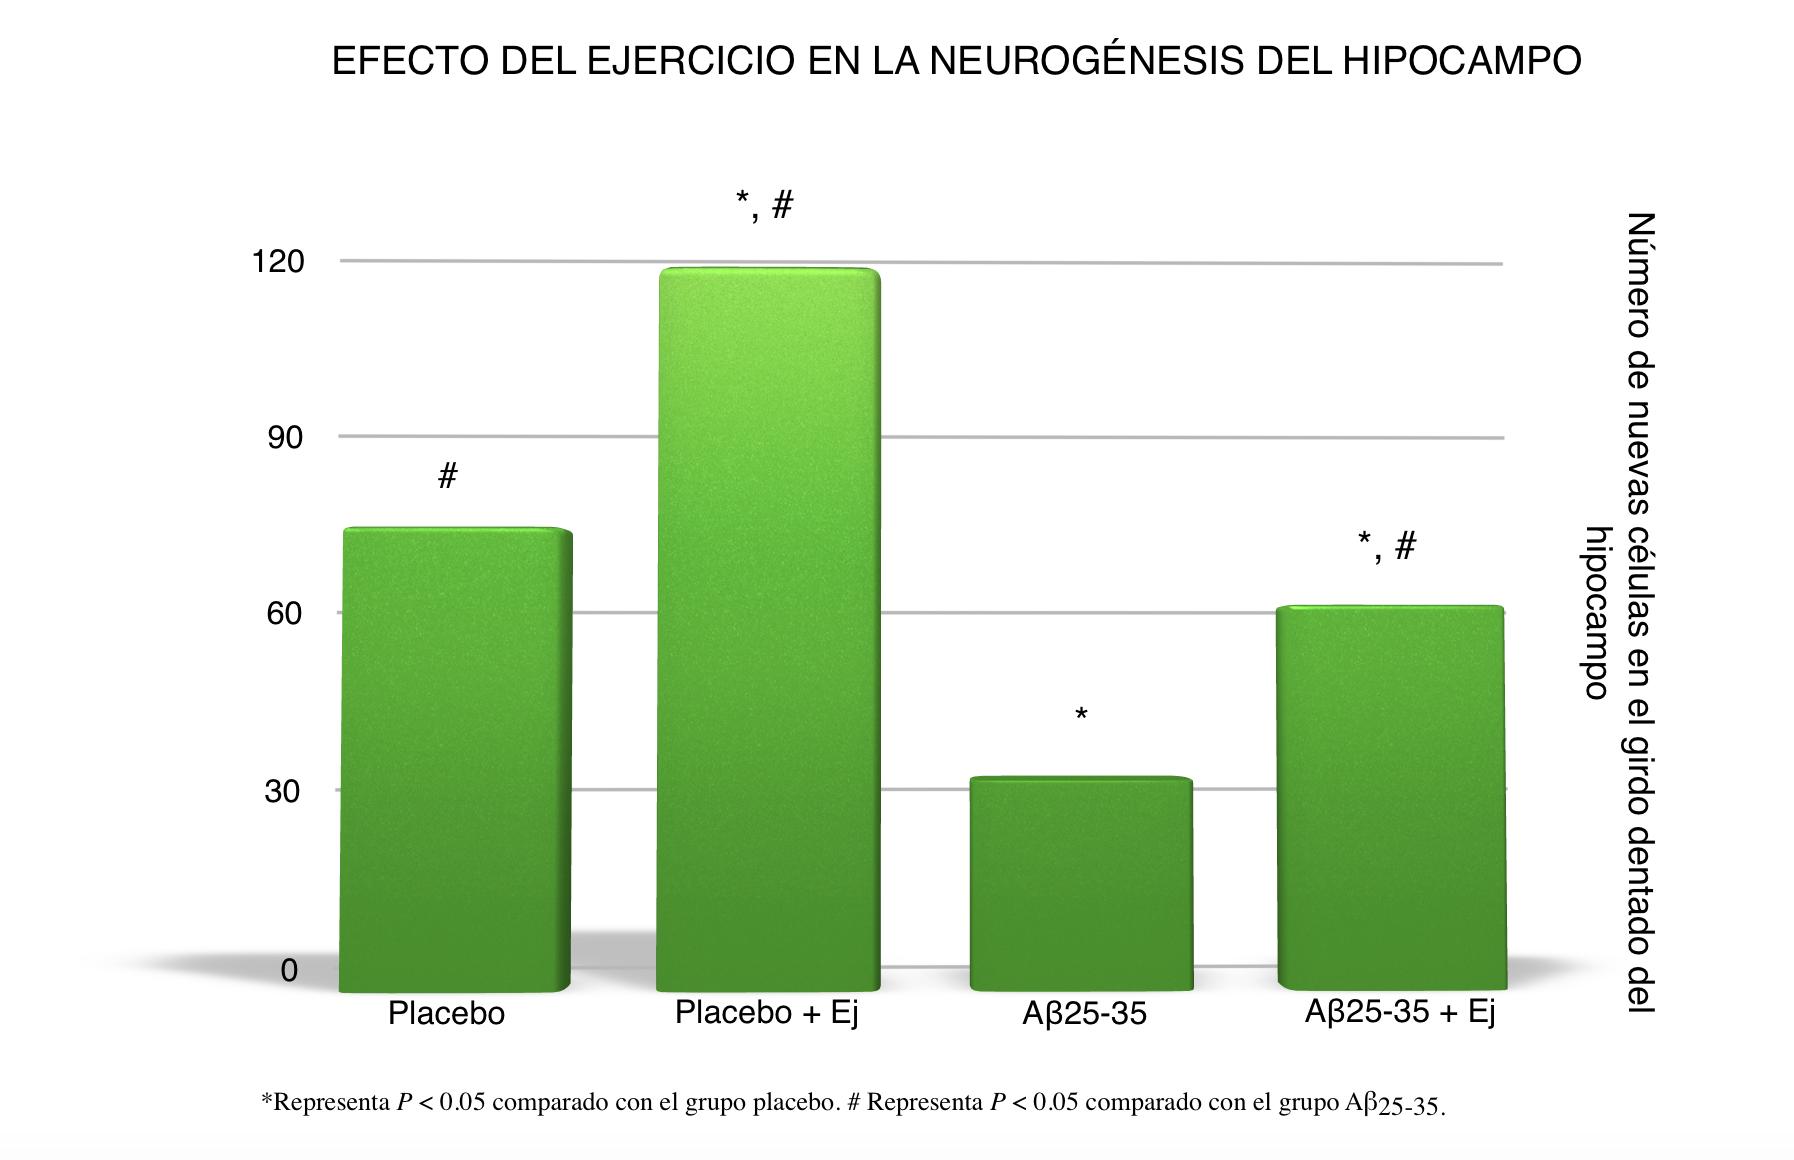 Fissac _ efecto del ejercicio neurogénesis